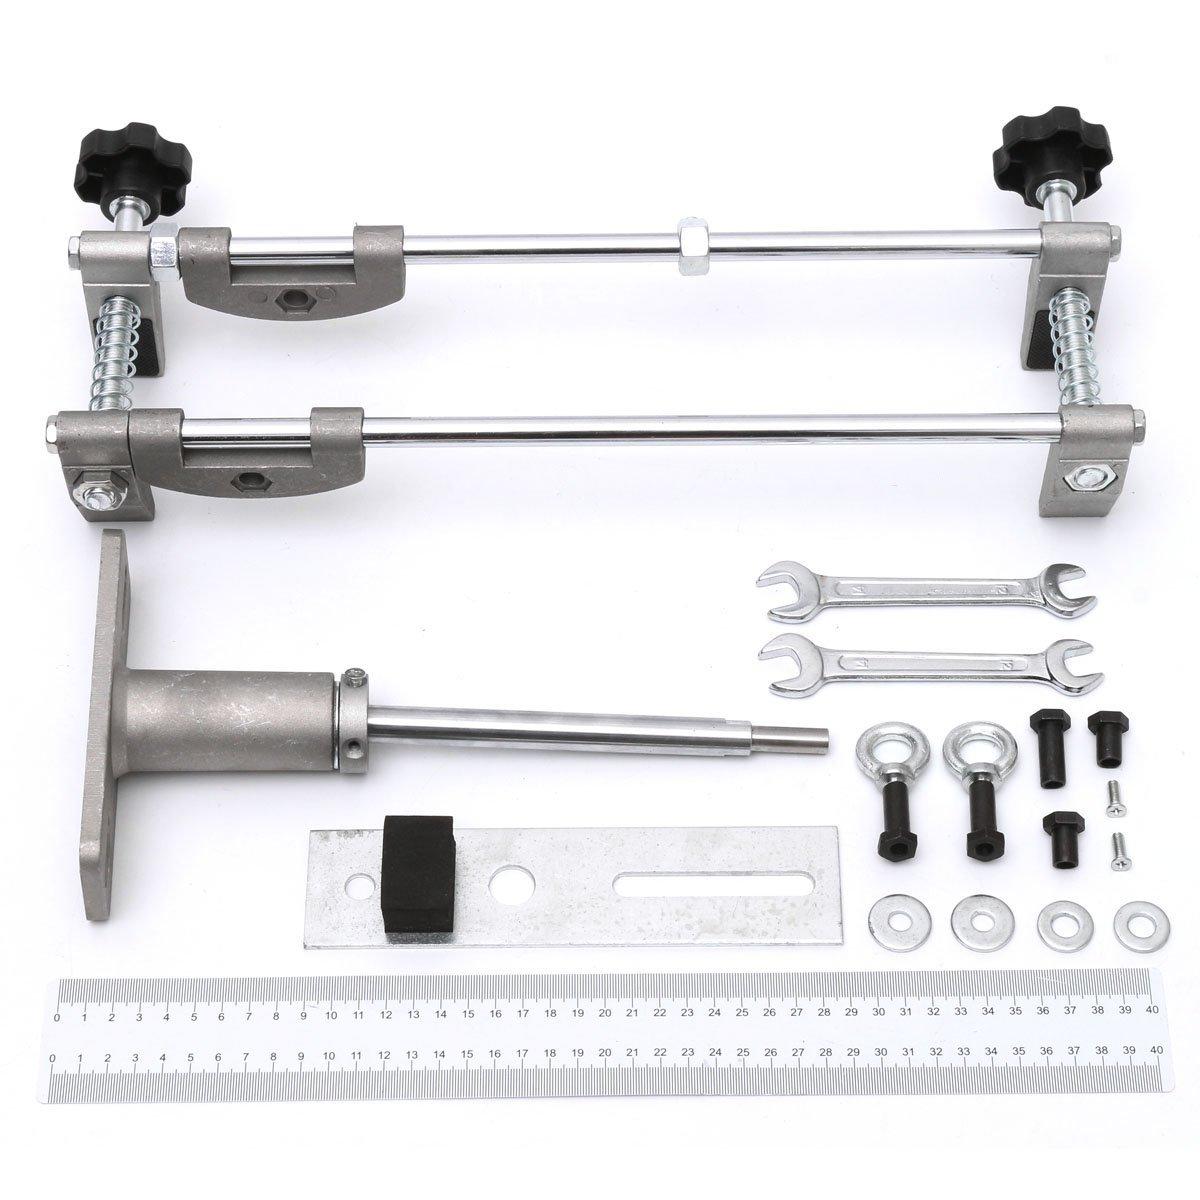 JCHUNL Einsteckschlossbeschlag Jig Door Lock Einsteckschloss 90 mm Perforator Folder New Hot B07Q8G8QCK | Neuer Stil